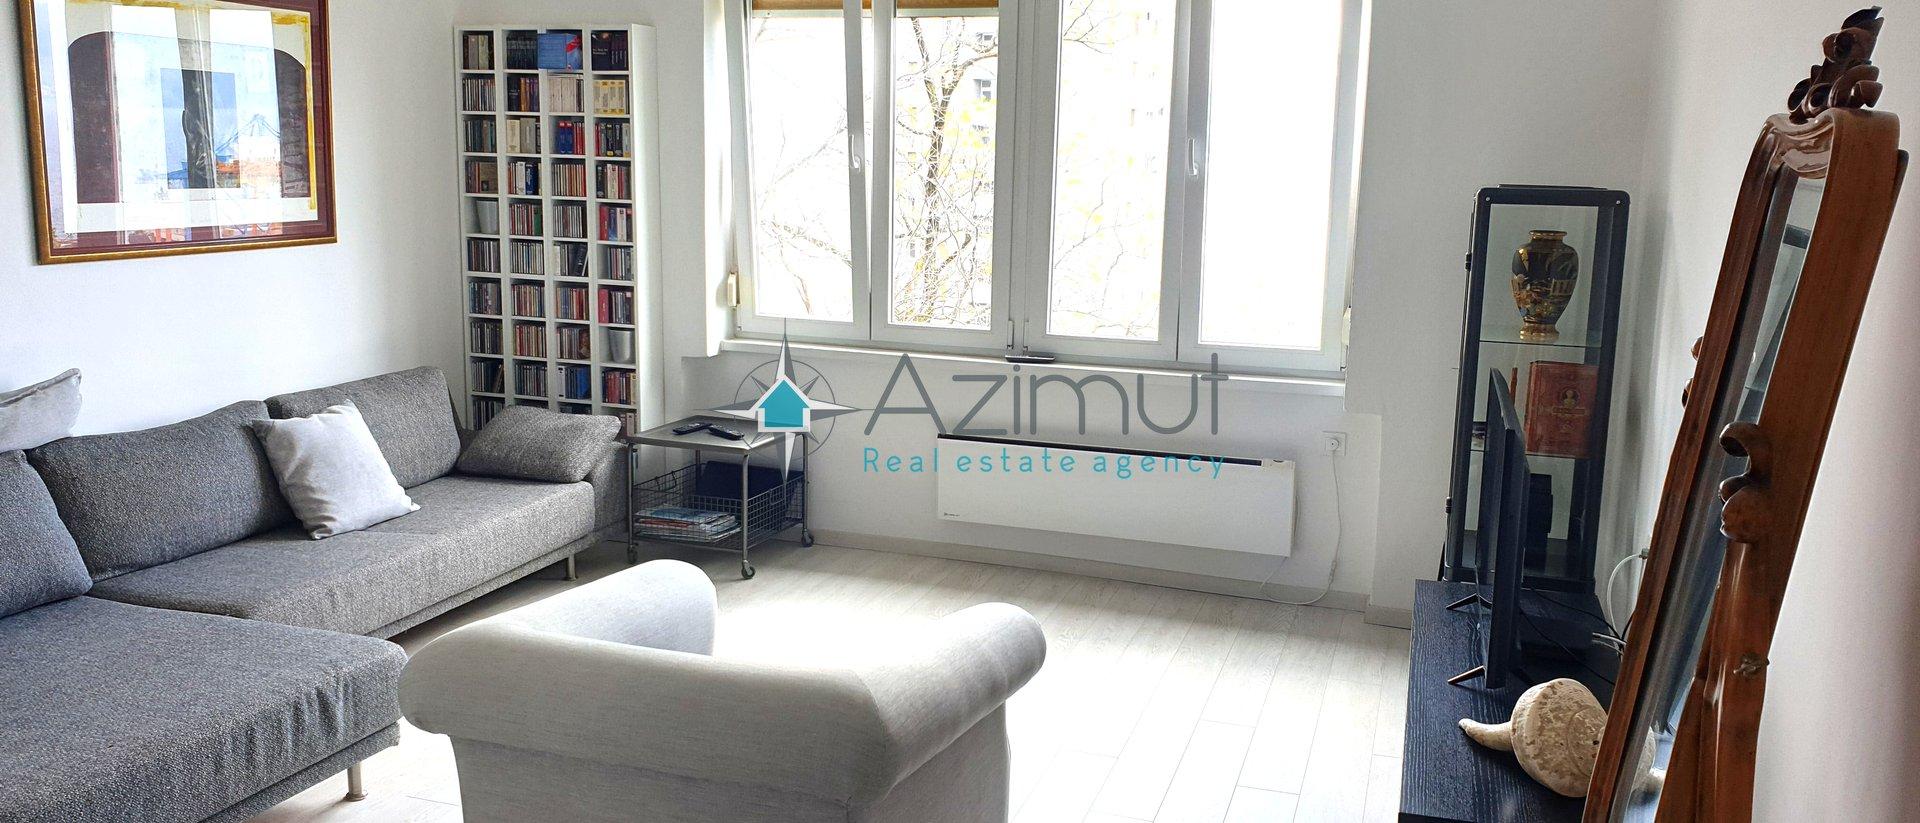 Appartamento, 67 m2, Vendita, Rijeka - Donja Vežica